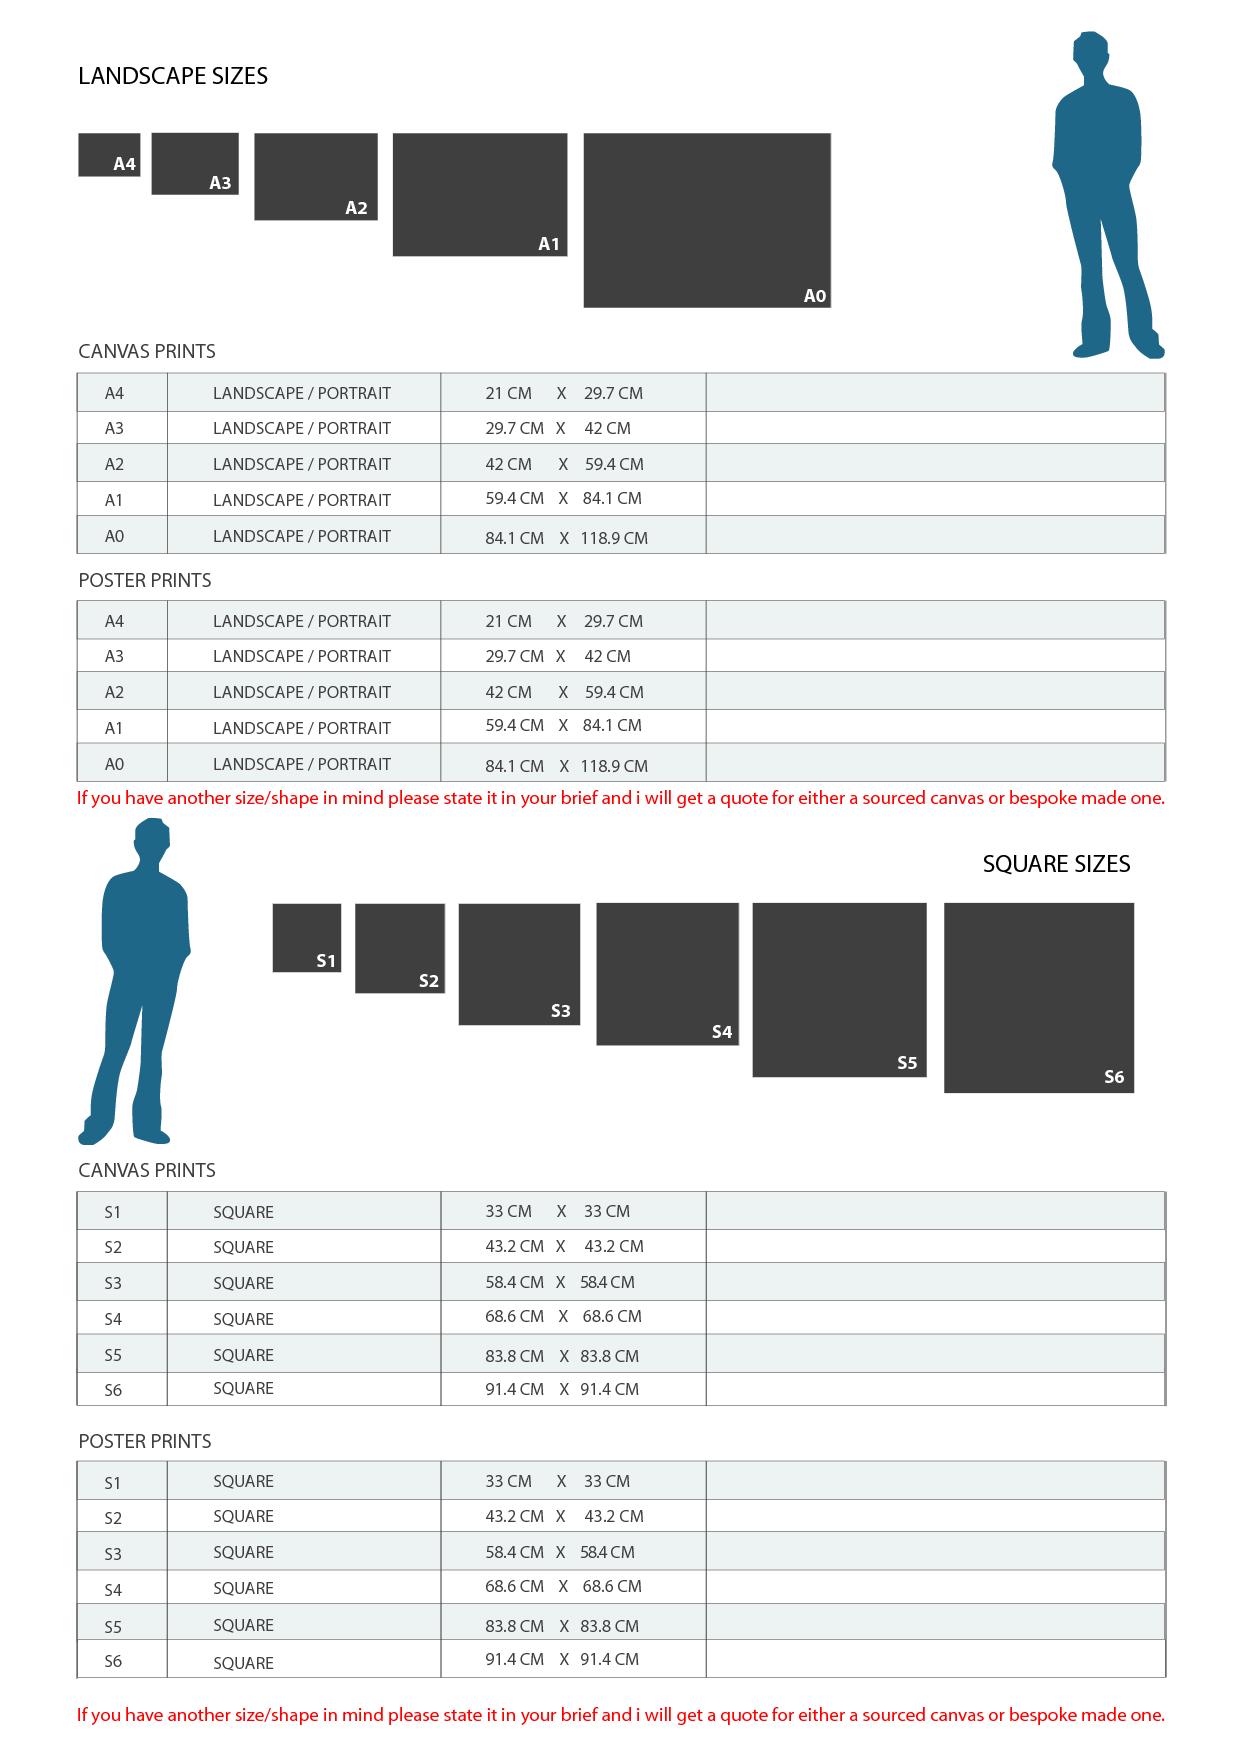 pixelsham canvas sizes reference